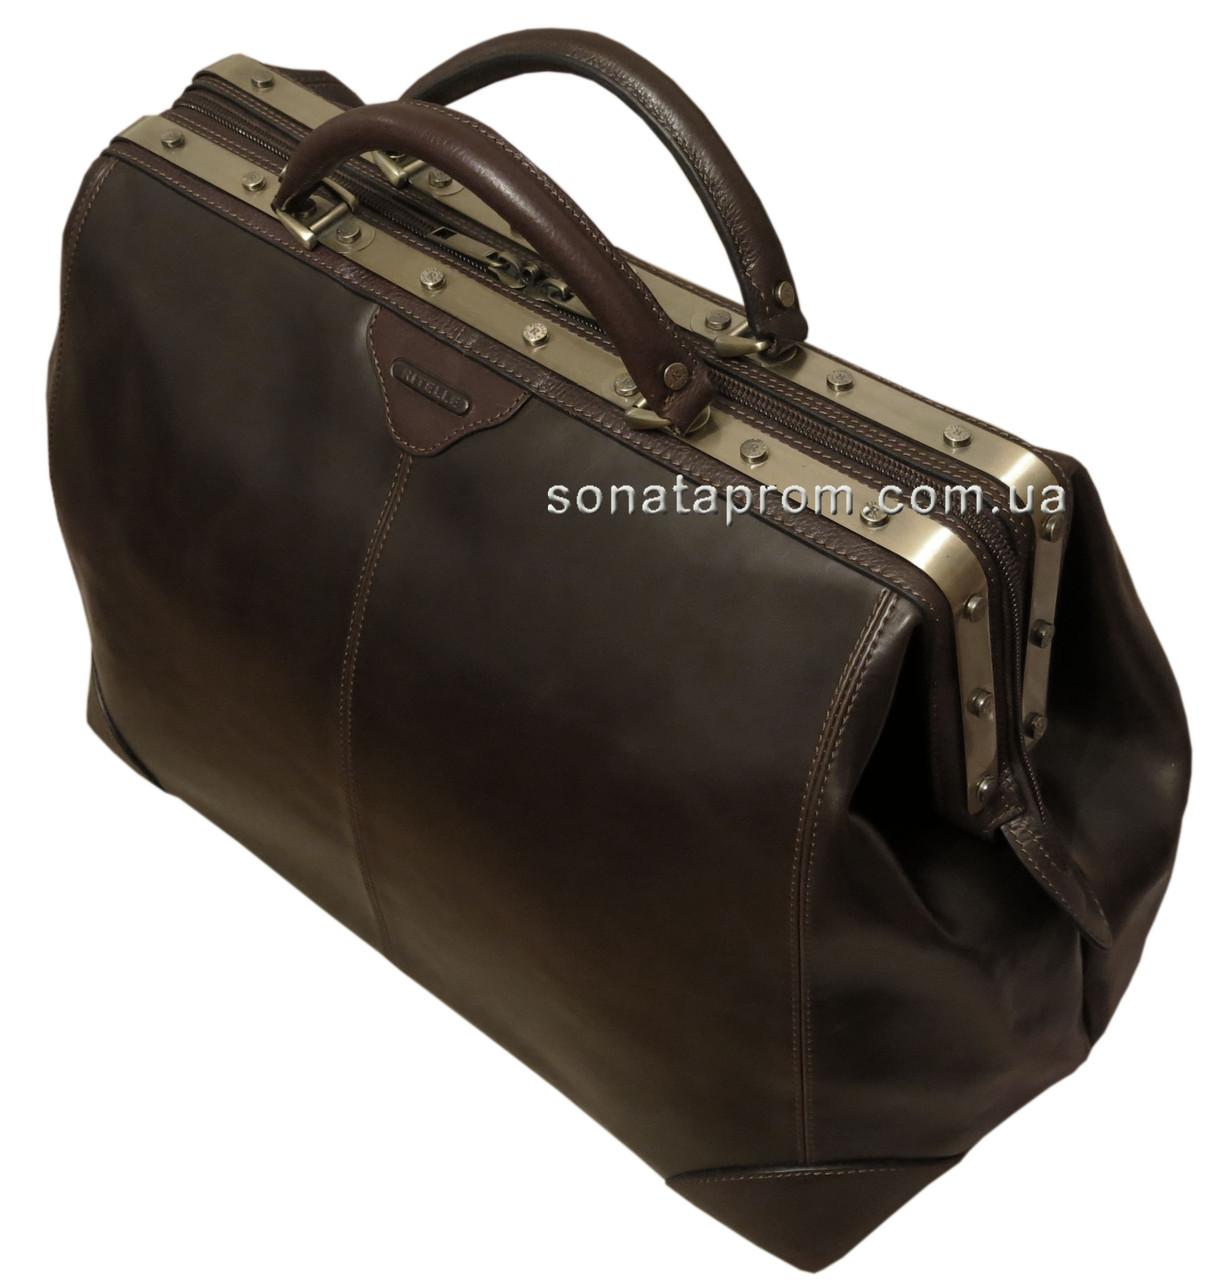 Дорожные мужские сумки саквояжи из италии школьные рюкзаки для девочек пони